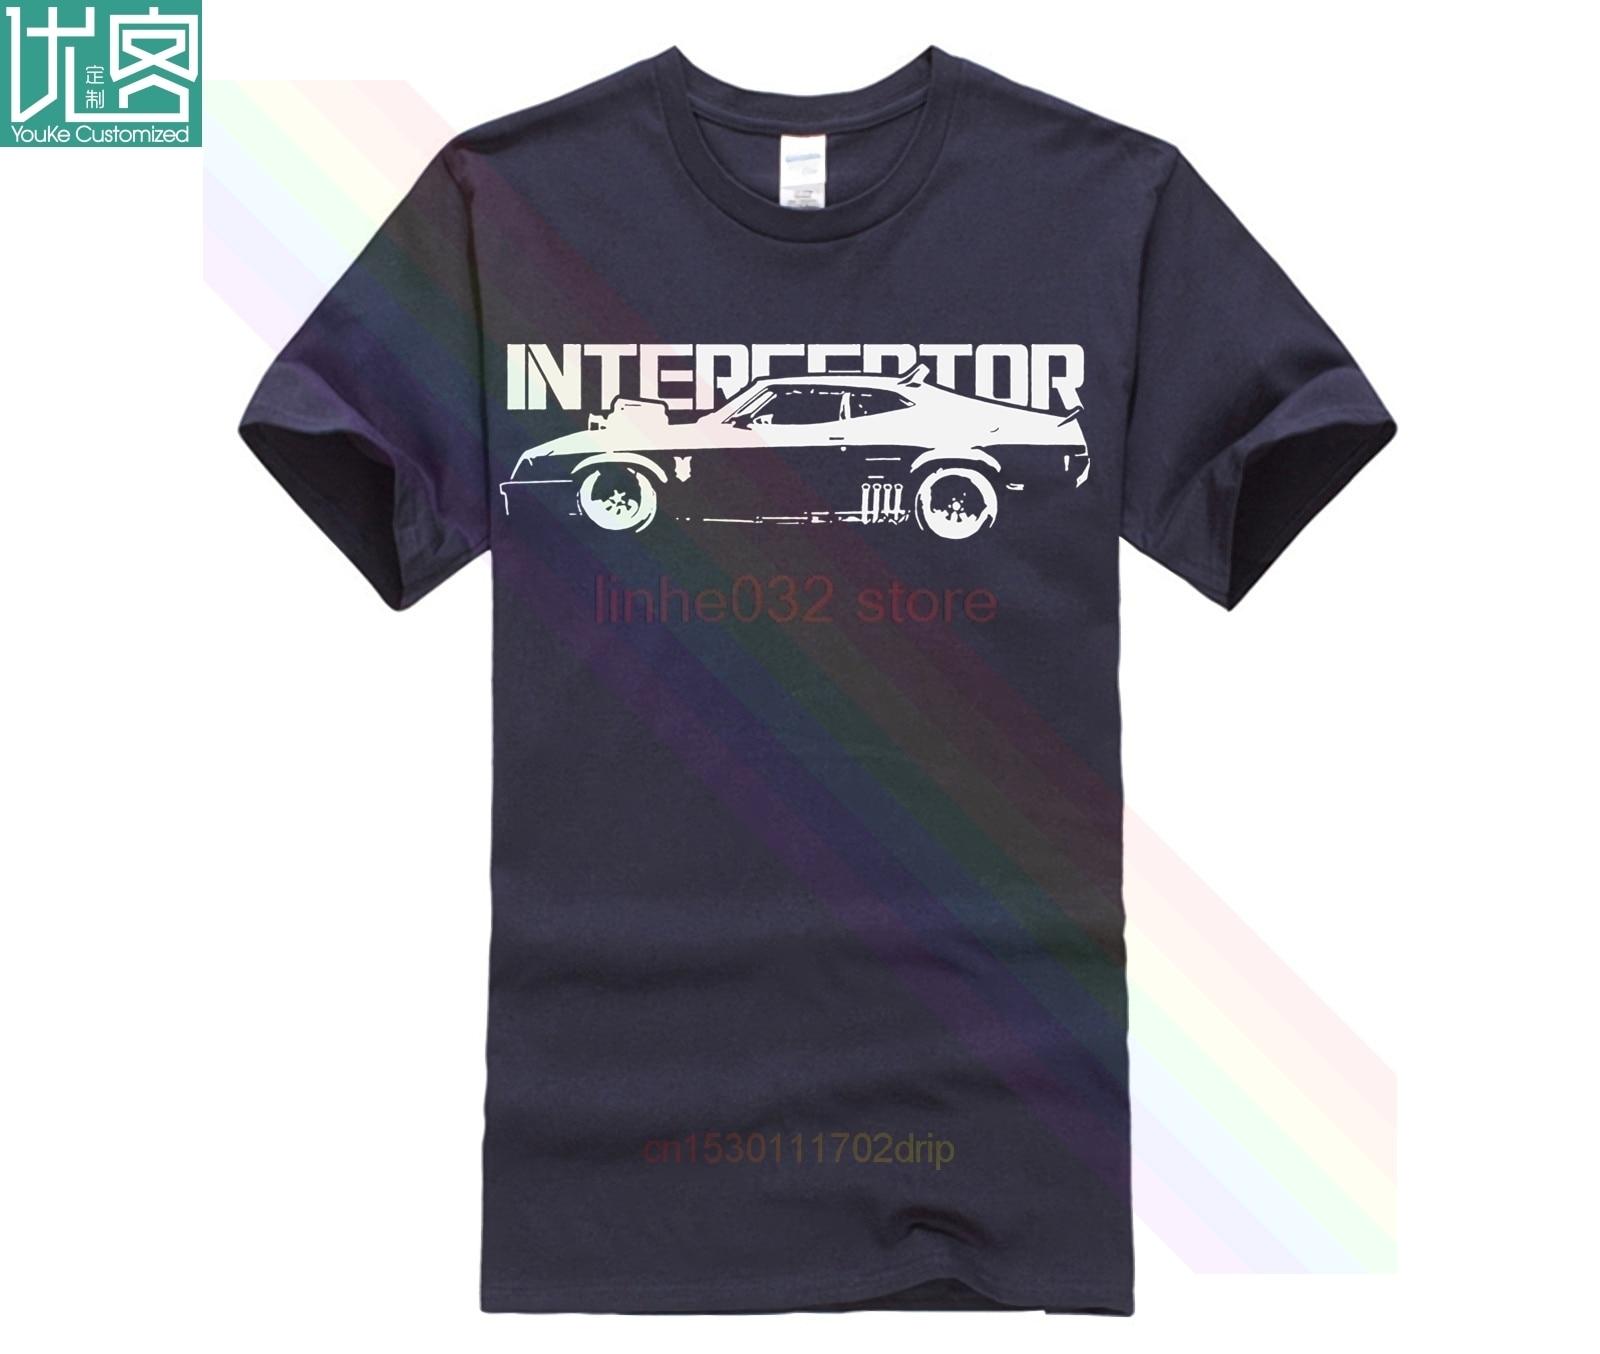 Nueva camiseta negra Blac de algodón con diseño gráfico de Mad Max Interceptor Muscle Car, Camiseta de algodón de manga corta para hombre con estampado de Hip Hop